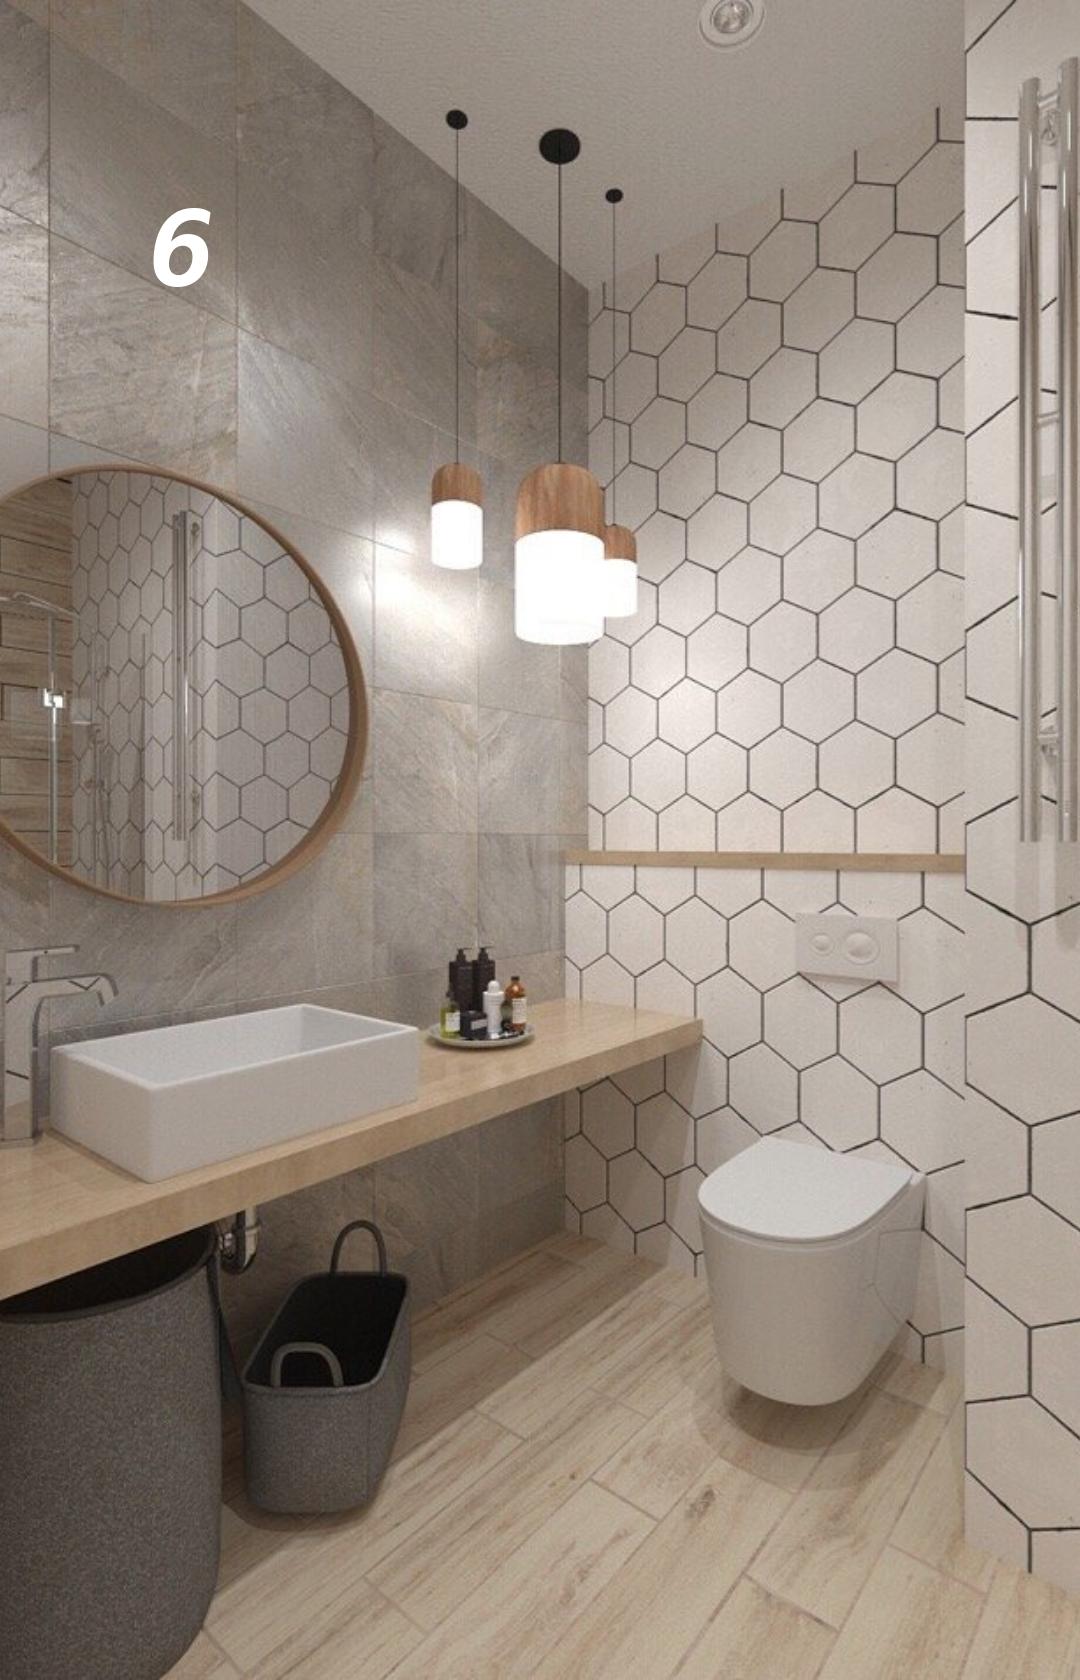 Простой и стильный интерьер квартиры площадью 38 кв м на небольшой бюджет (с планировкой)